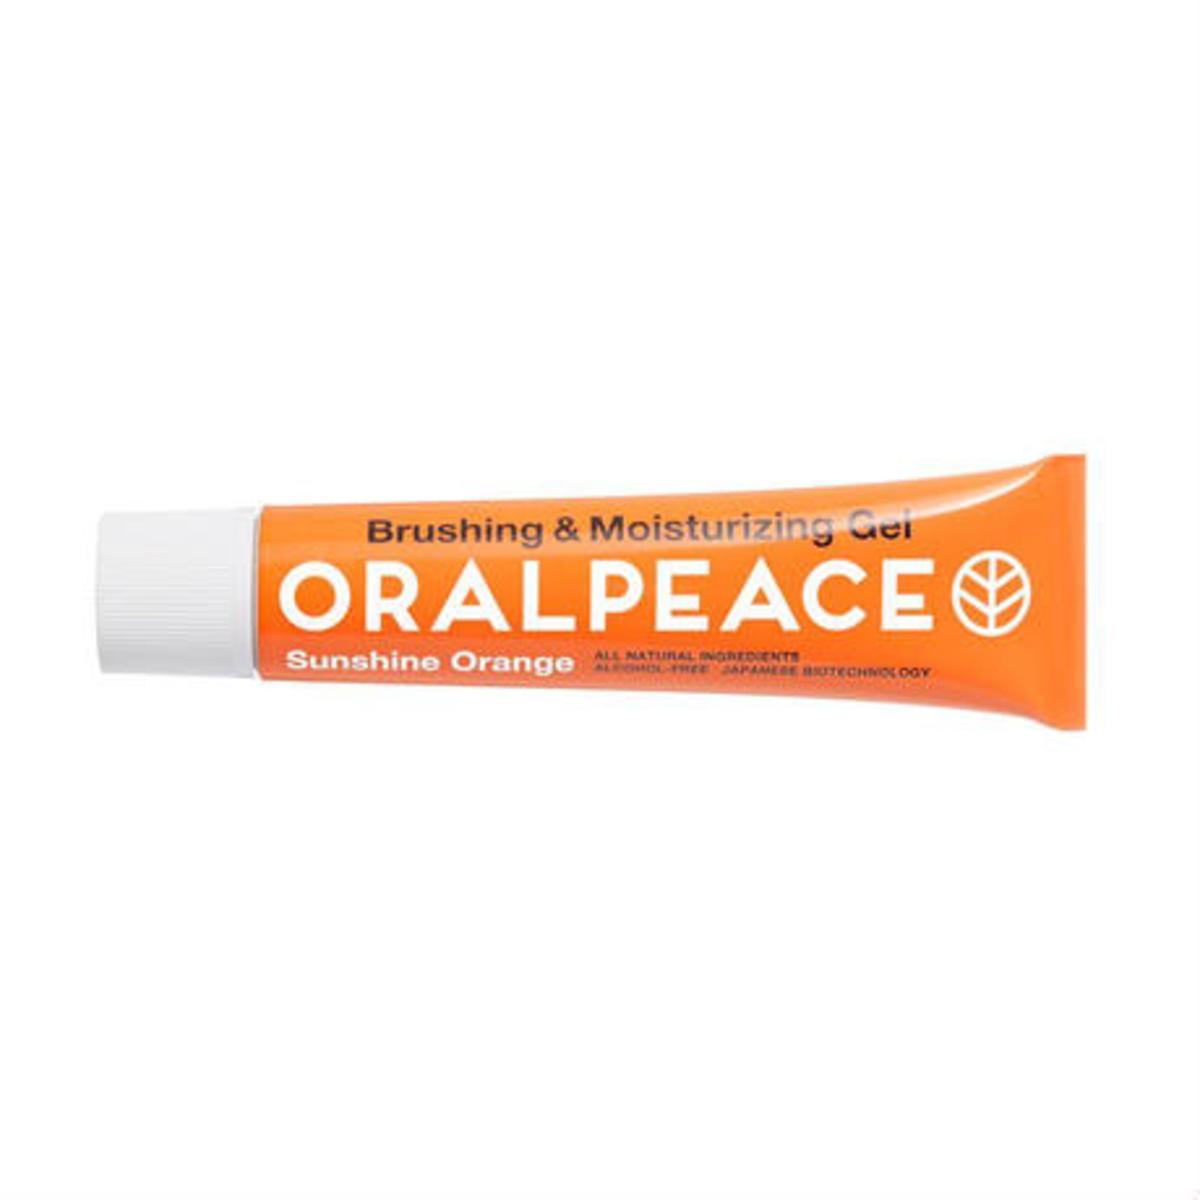 口樂平】低刺激性口腔啫喱牙膏 (橙味) 80g